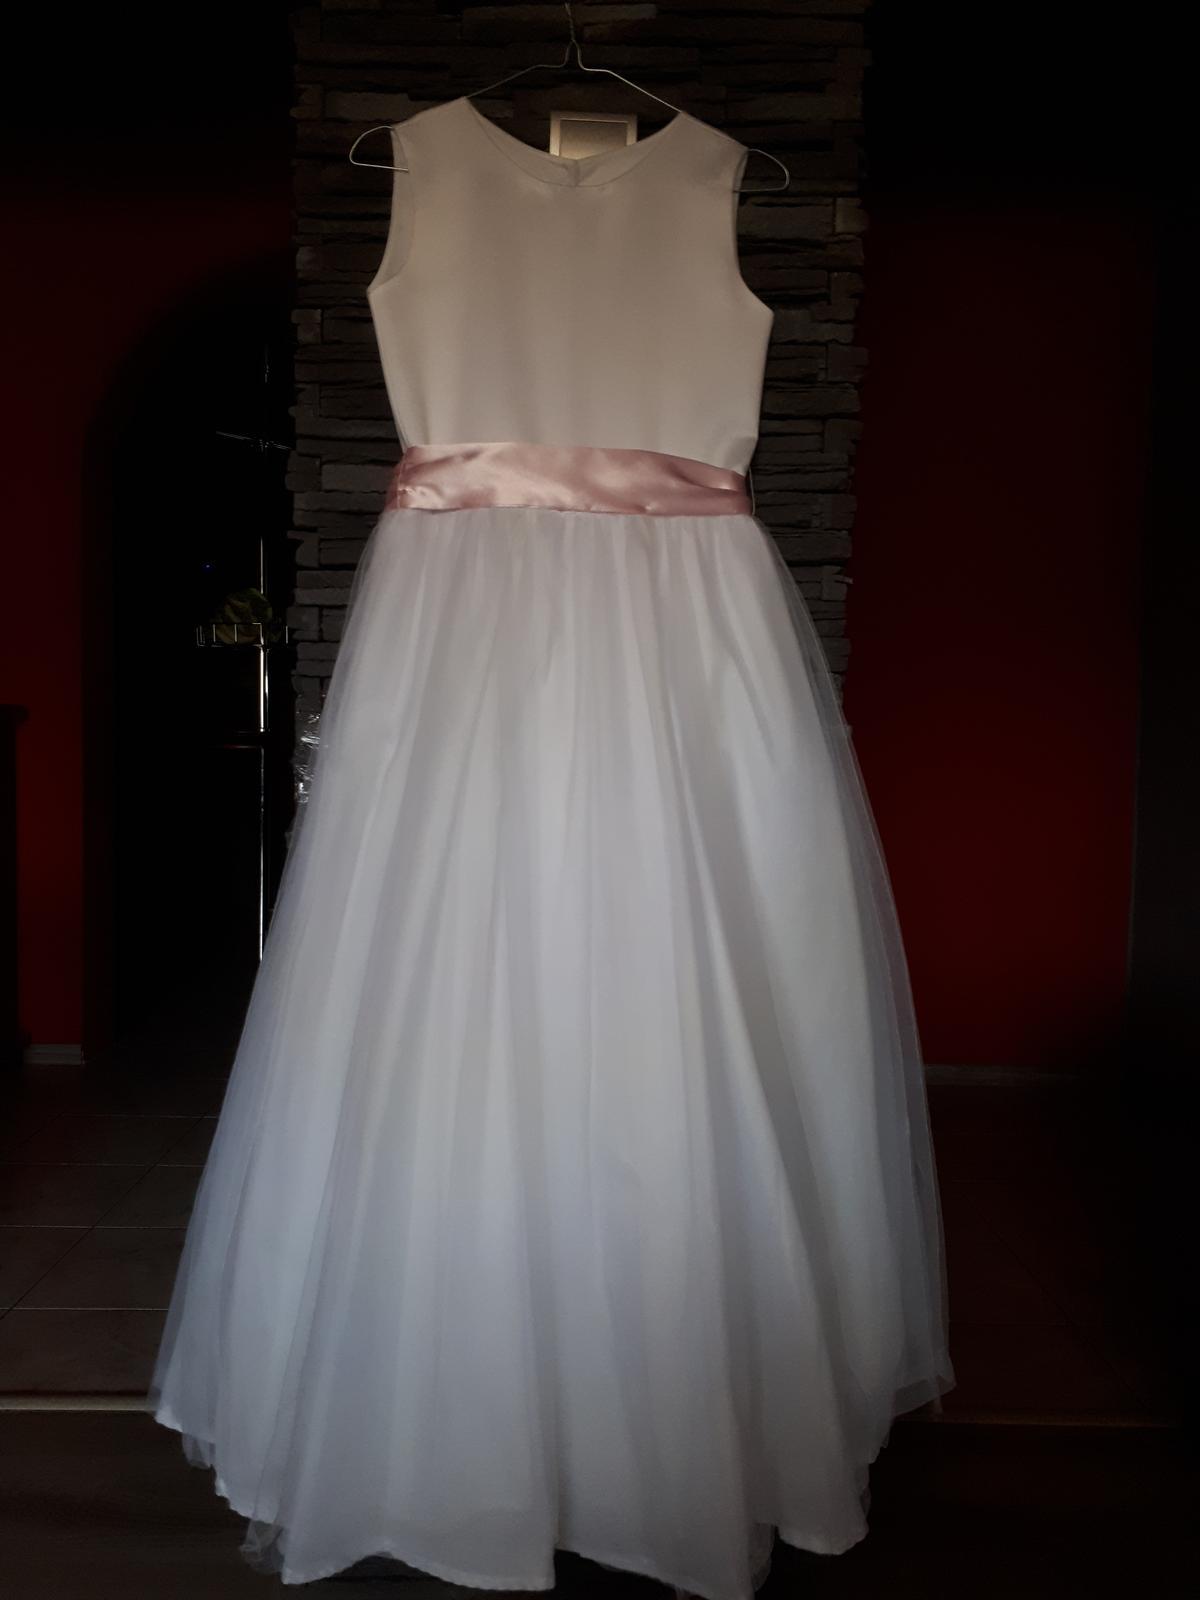 Šaty na svadbu,sv.prijímanie,dĺžka 125 cm - Obrázok č. 4